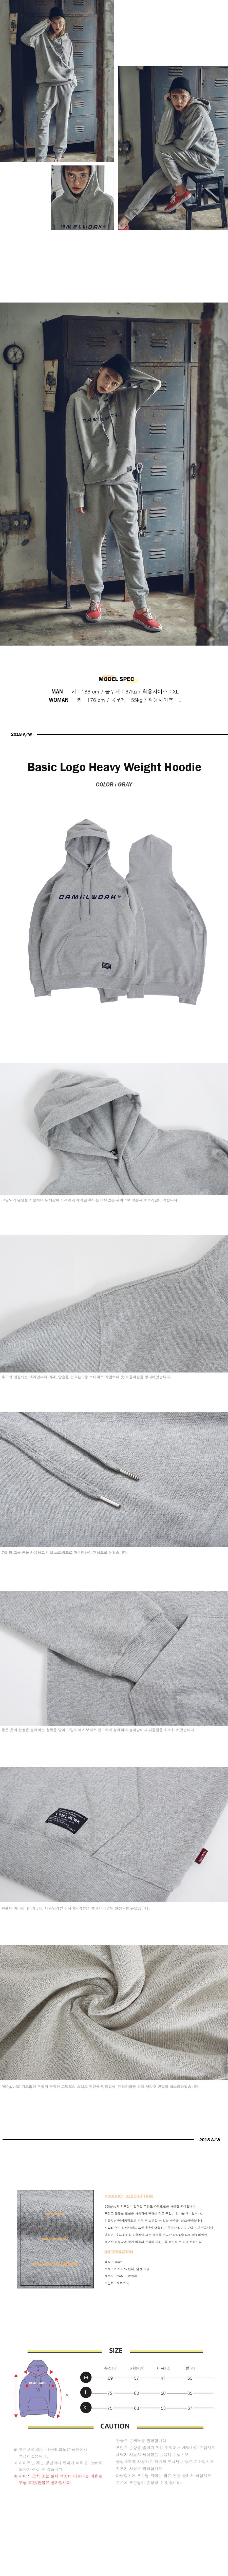 카멜워크(CAMEL WORK) [L/XL 사이즈 당일 발송]Basic Logo Heavy Weight Hoodie(Gray)